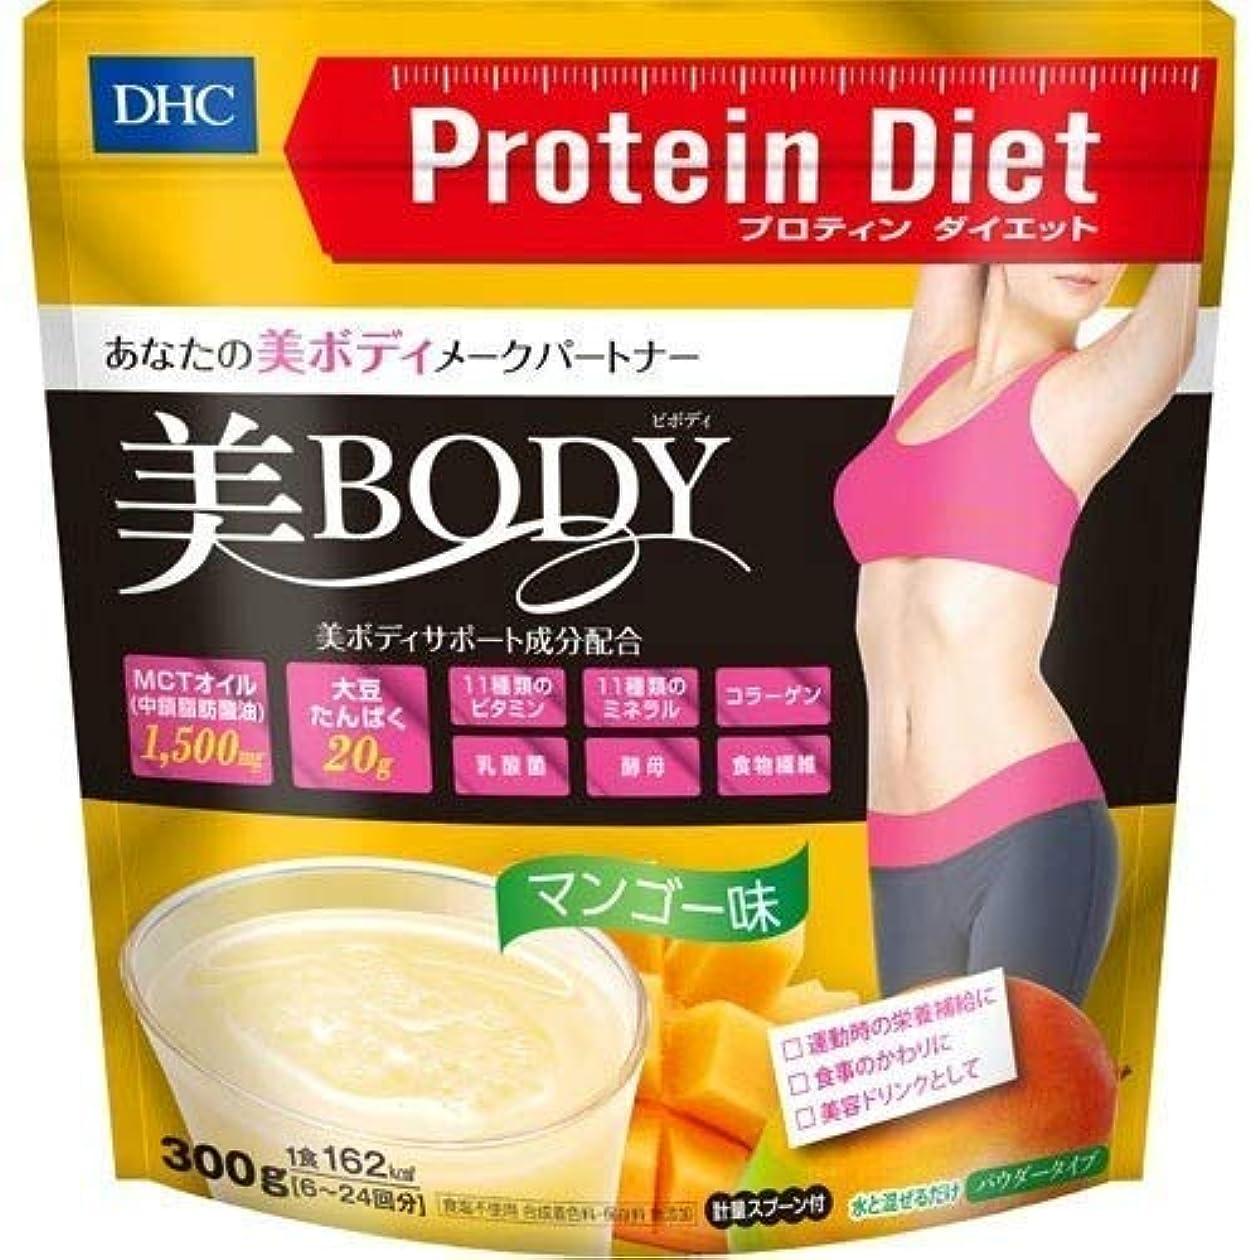 切り下げモンク区別するDHC プロテインダイエット 美Body マンゴー味 300g×2個